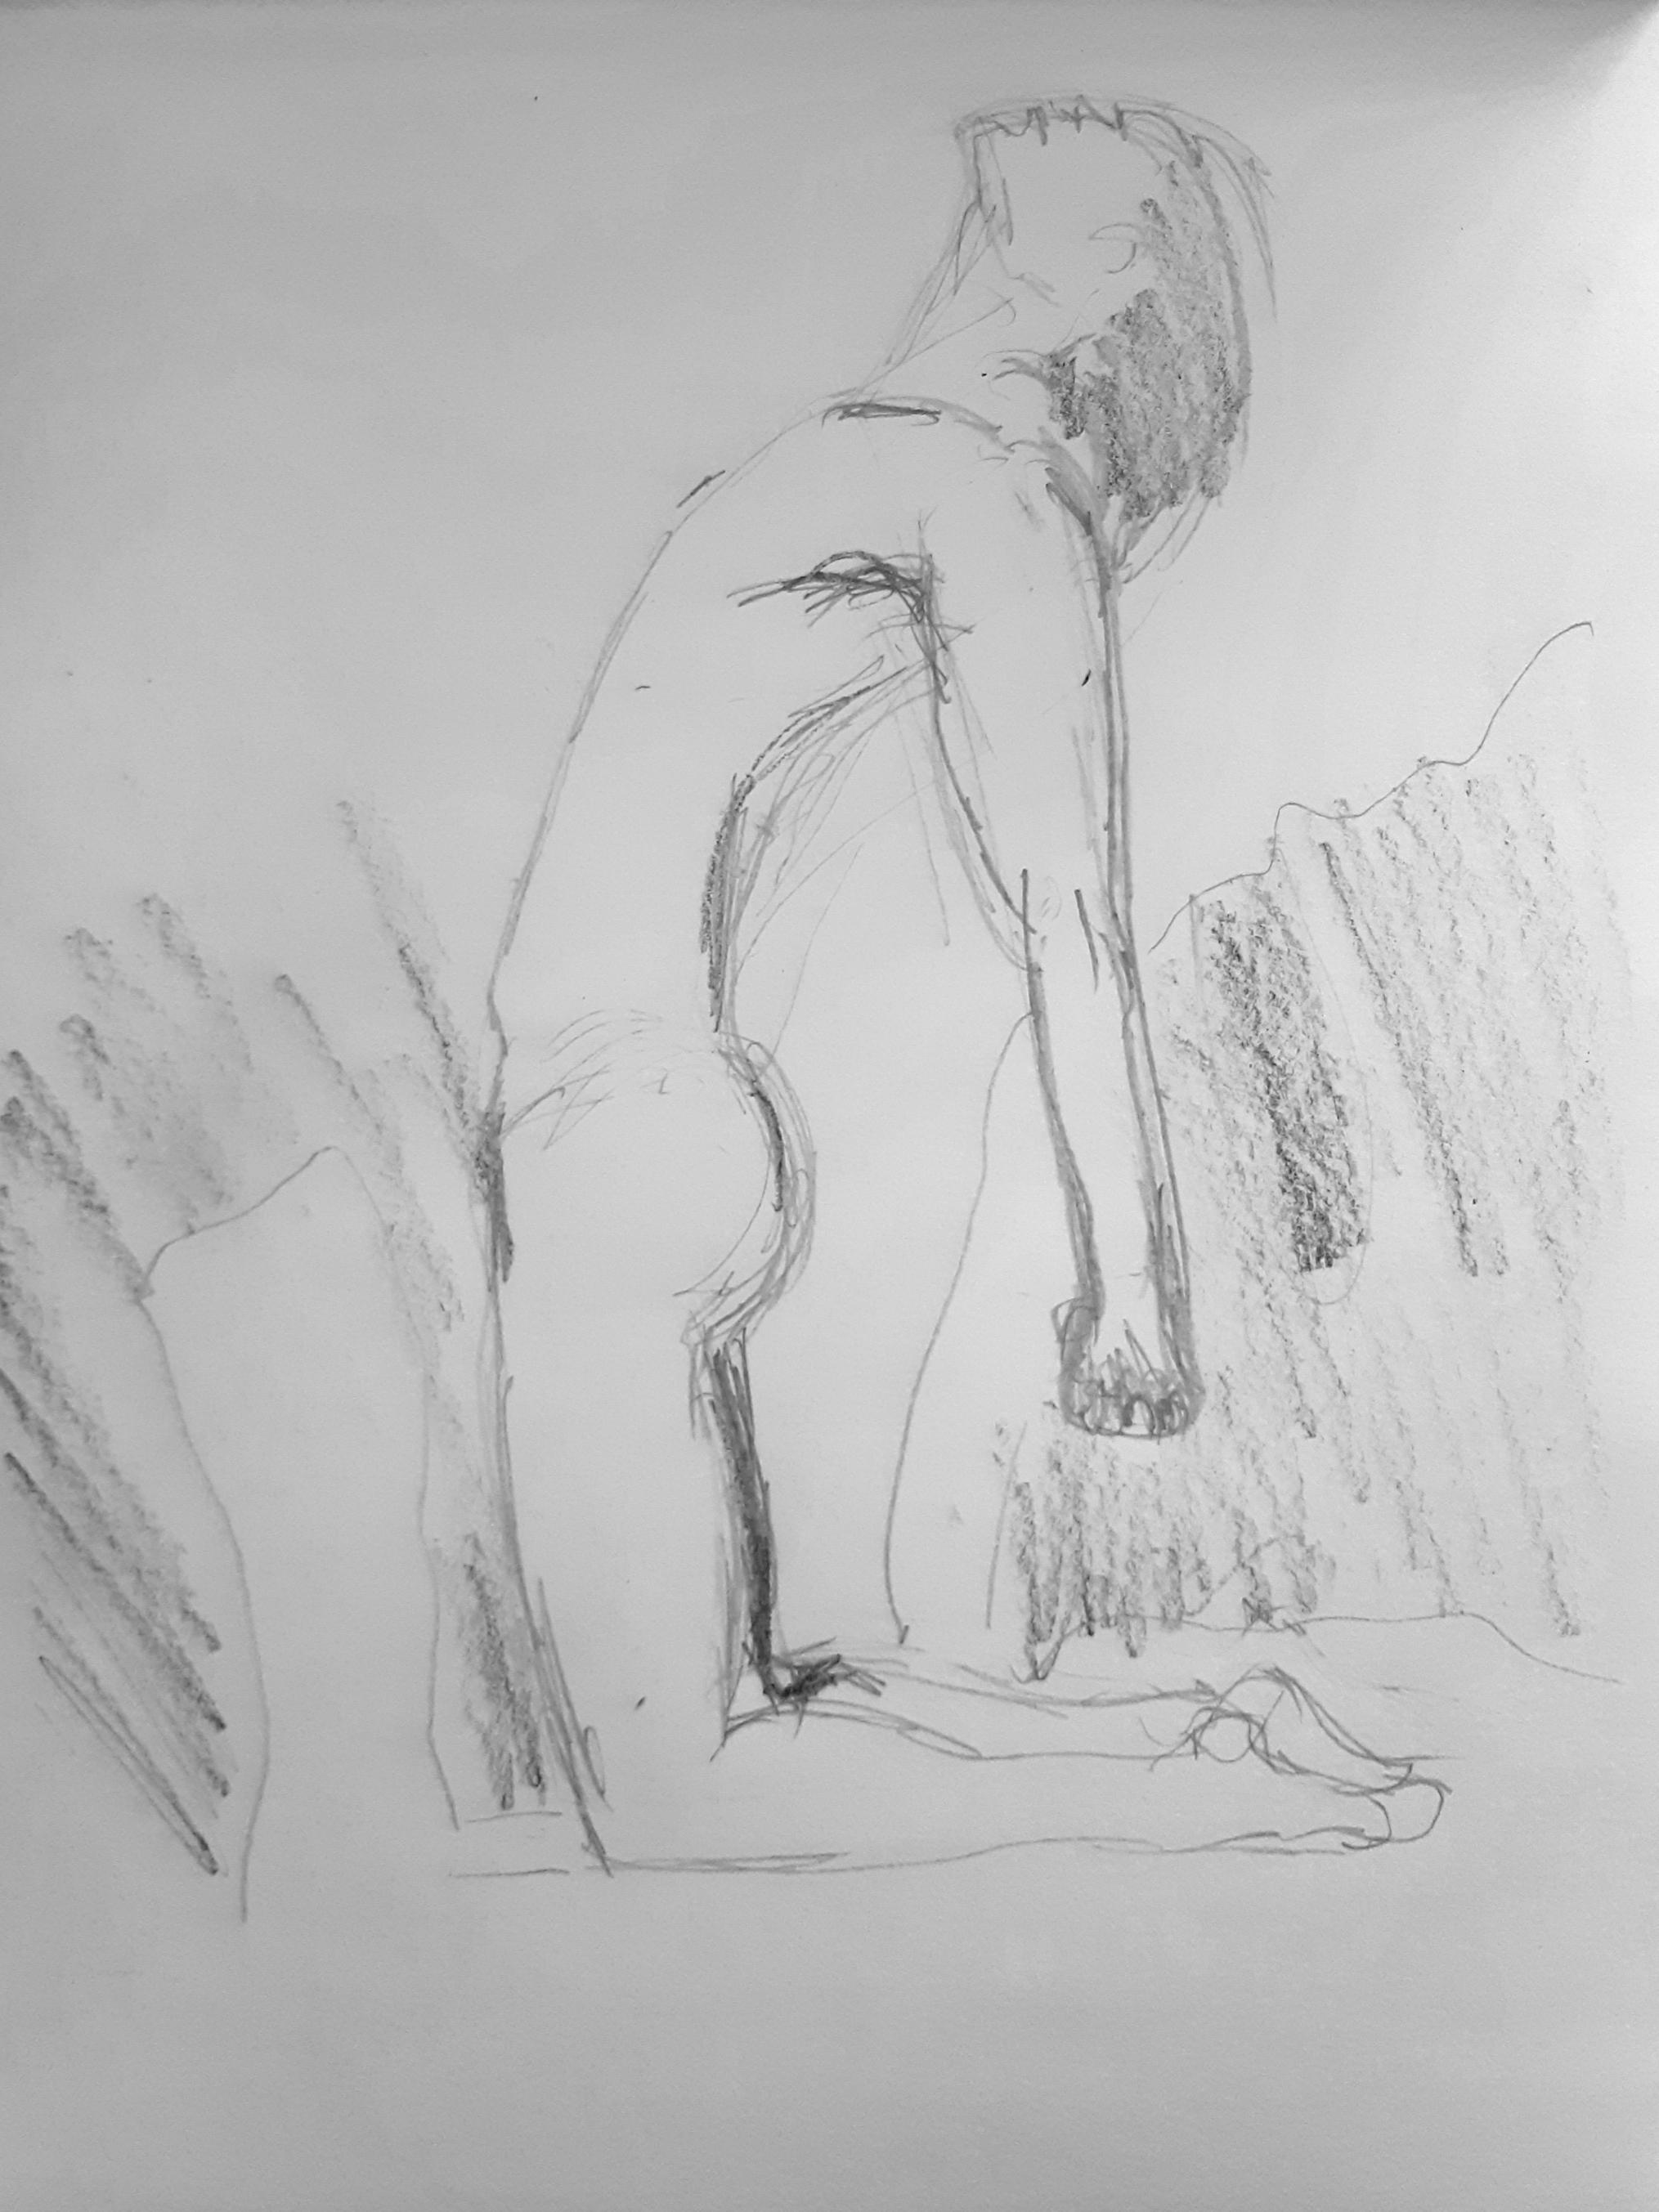 Esquisse rapide corps graphite  cours de dessin